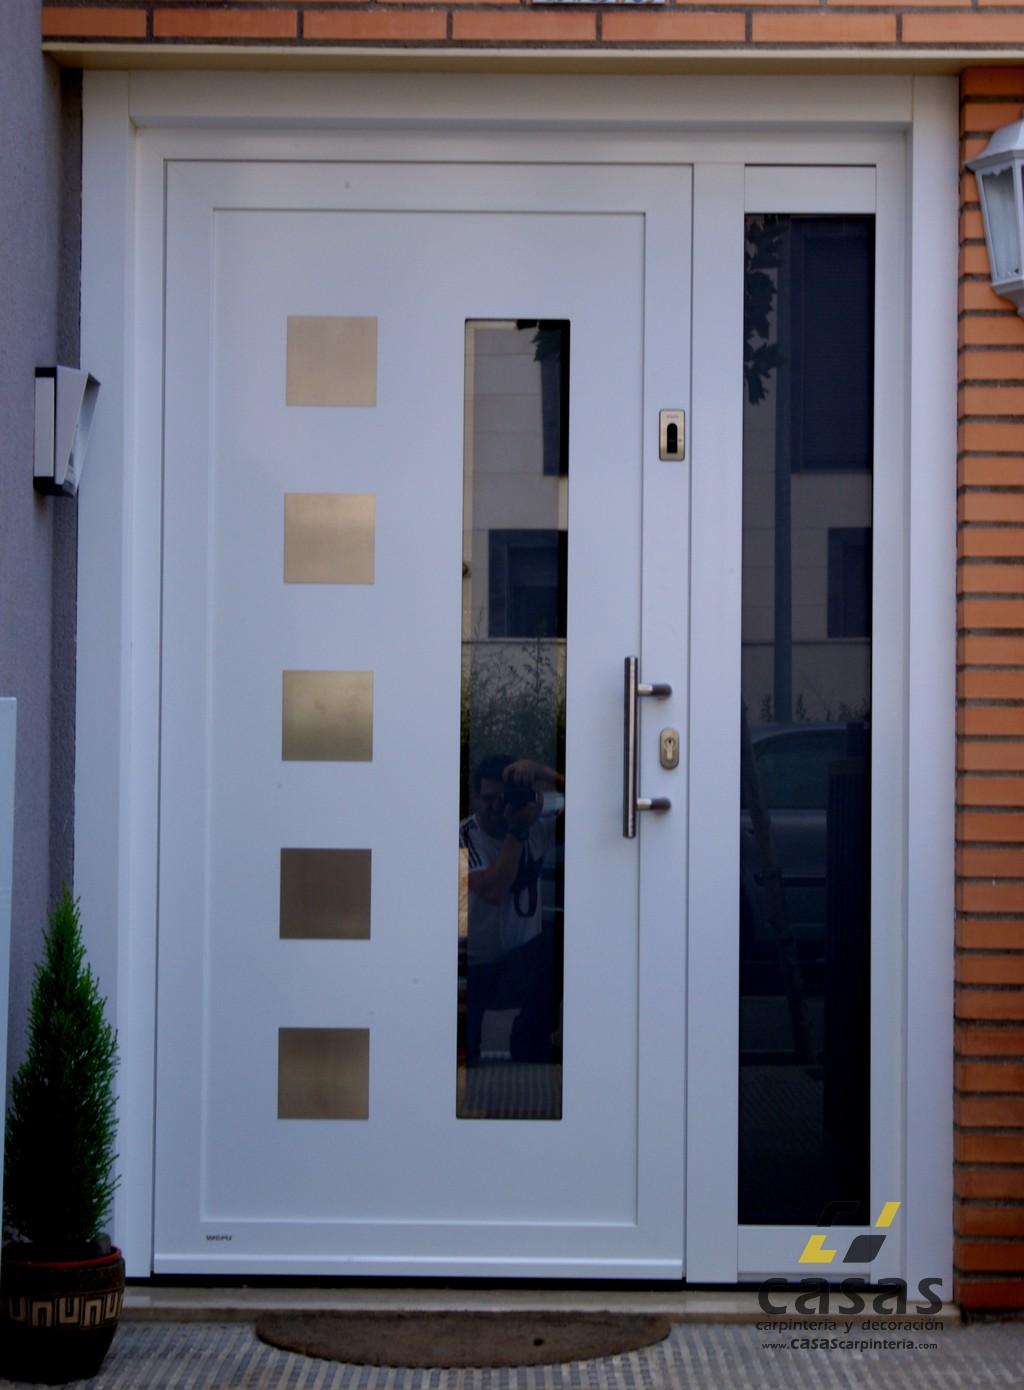 Puertas de entrada weru casas carpinter a y decoraci n for Puerta entrada vivienda